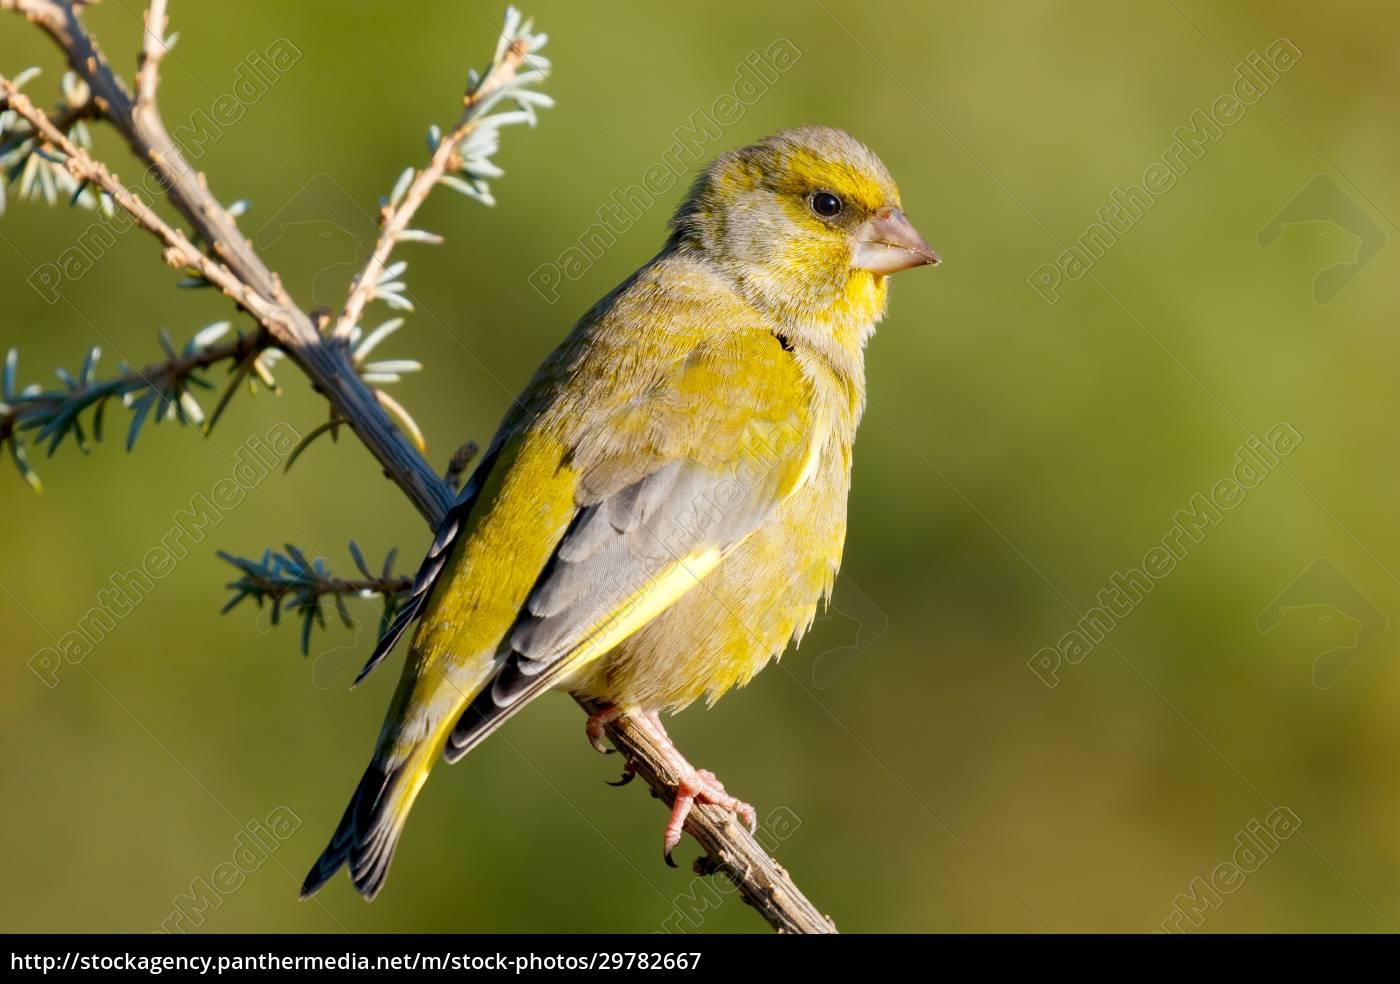 pretty, bird, in, the, nature - 29782667